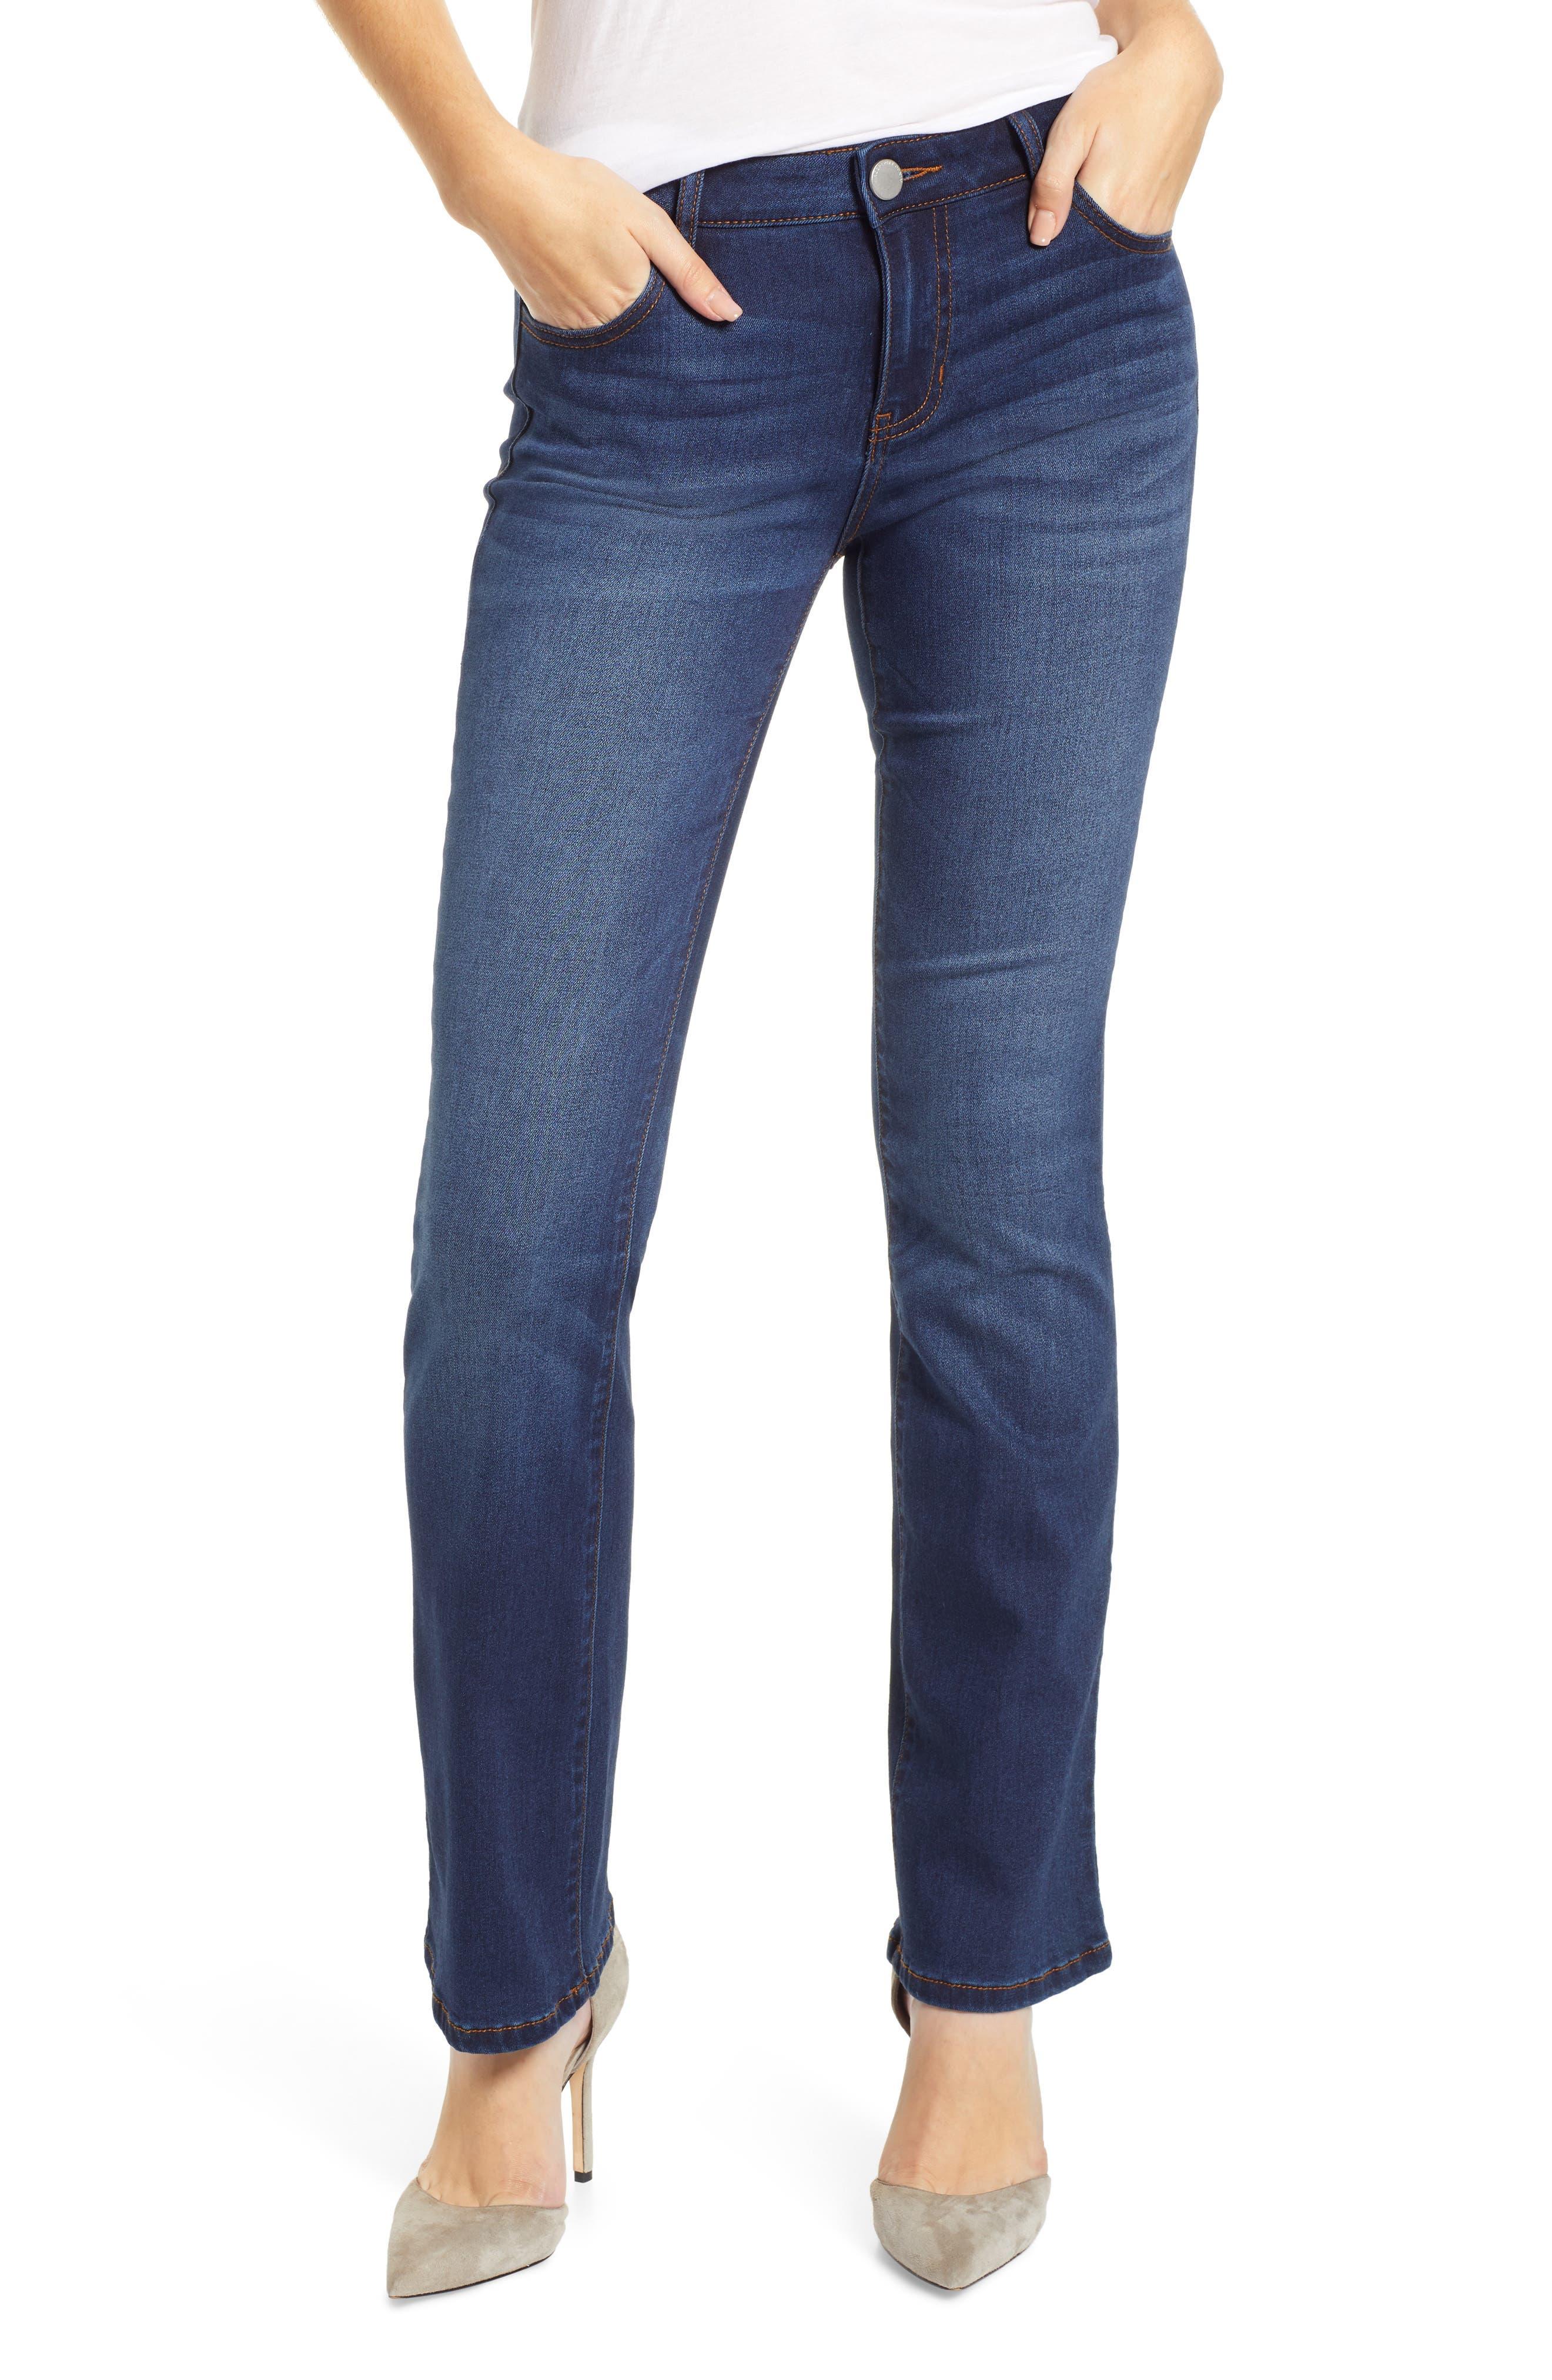 Women's Prosperity Denim Clean Flare Jeans